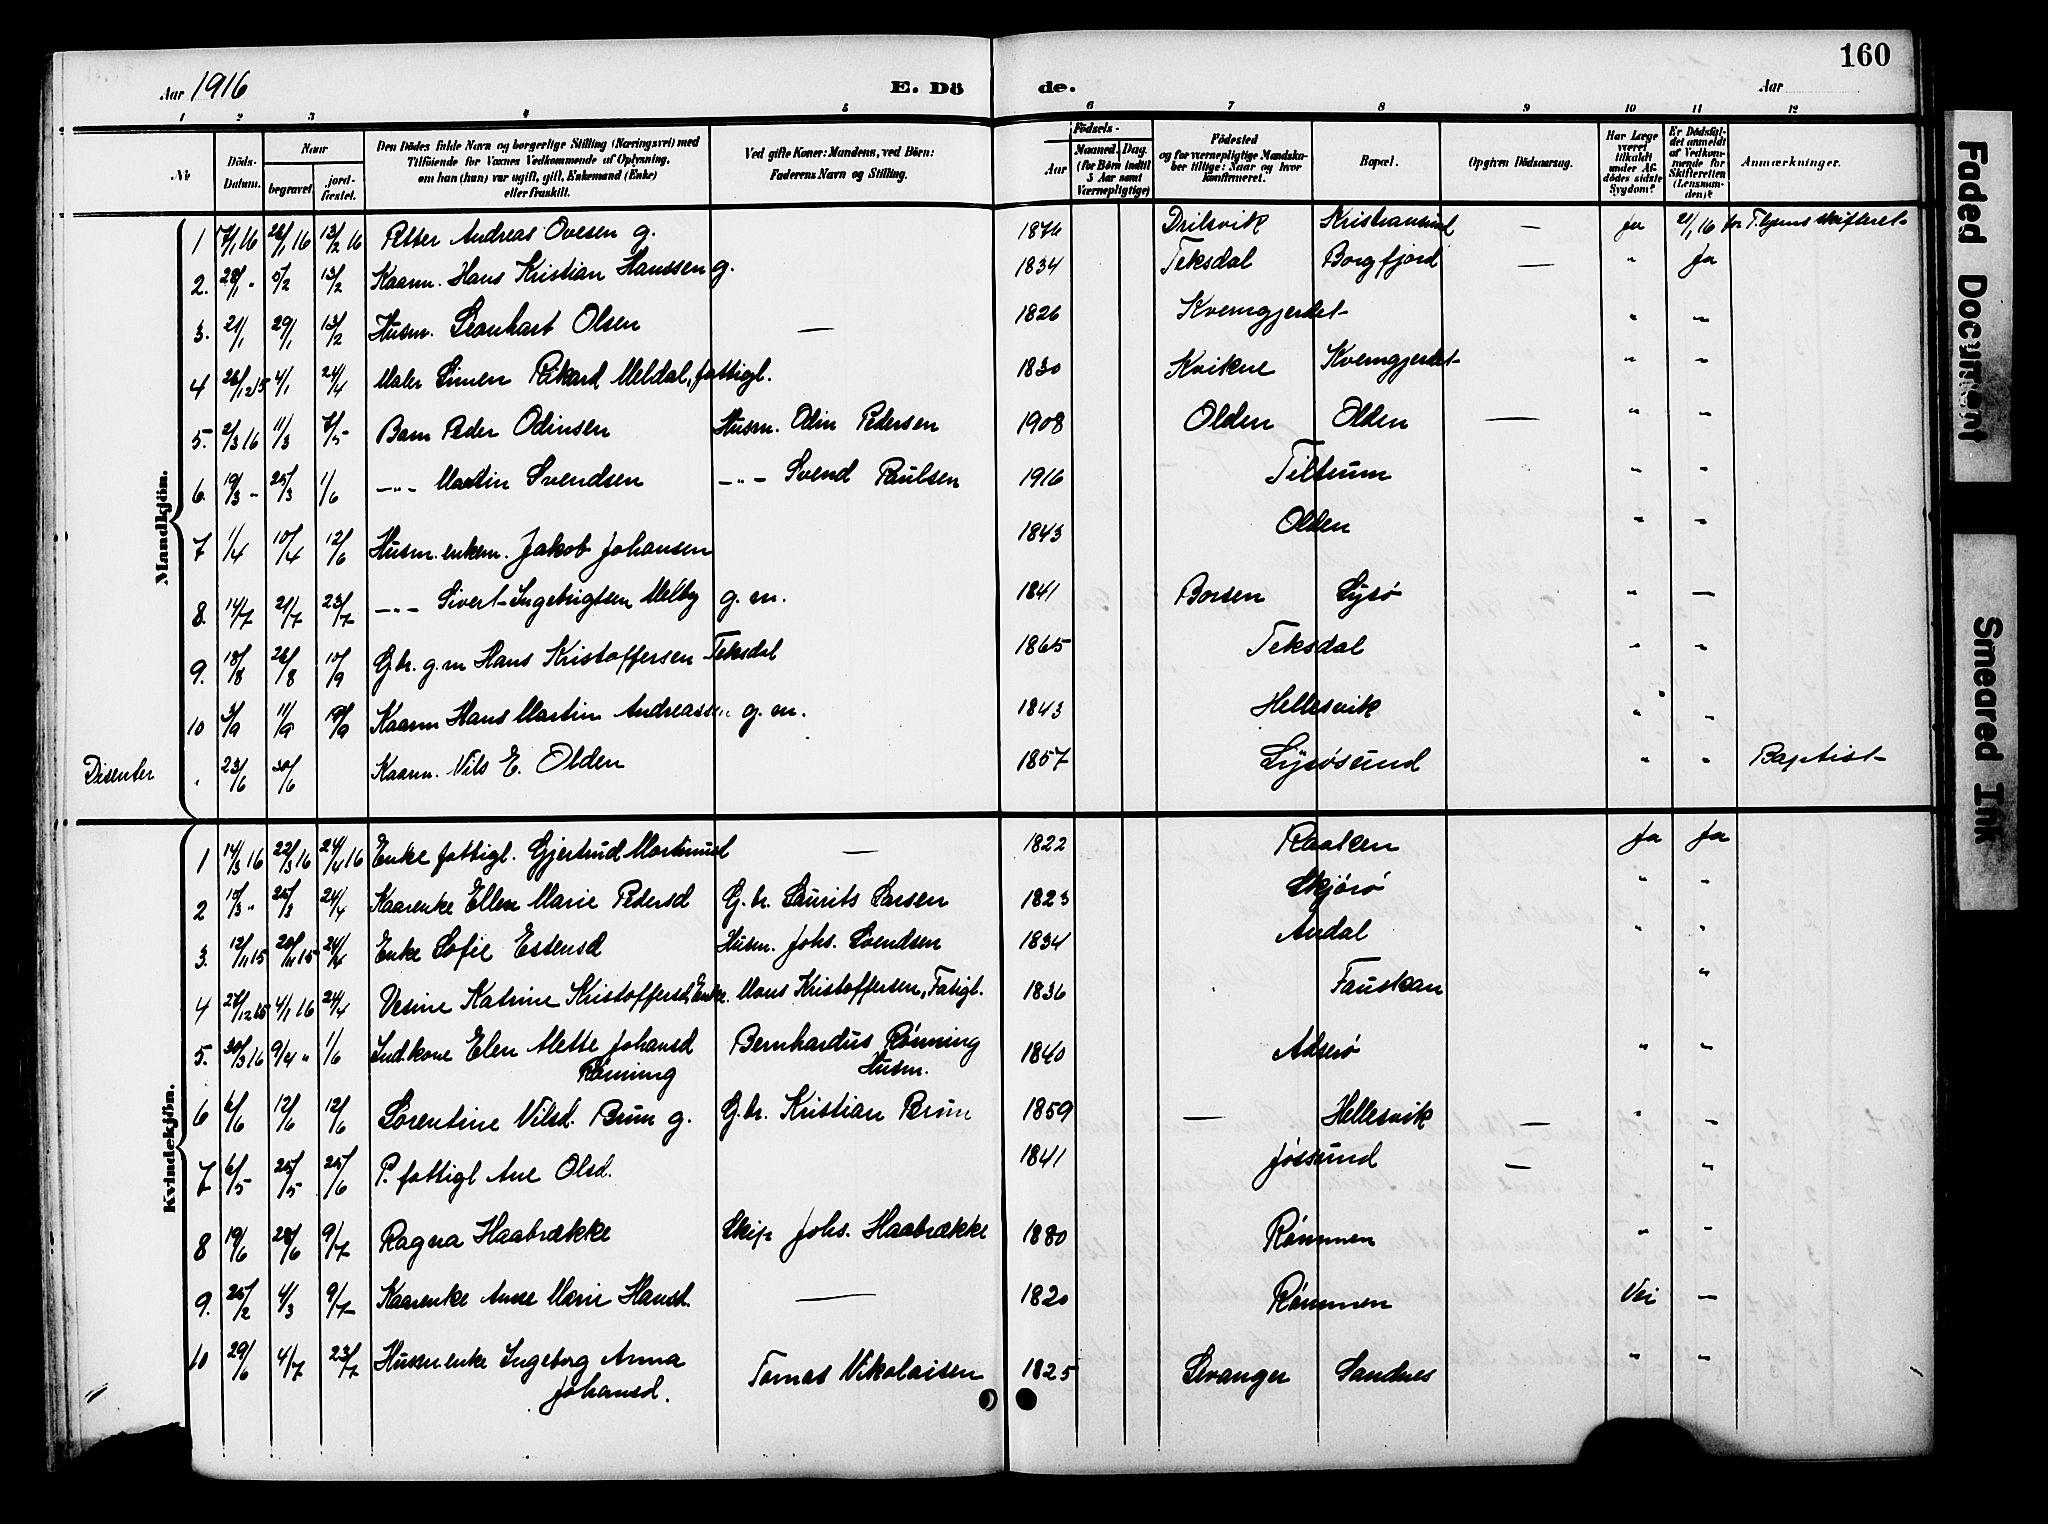 SAT, Ministerialprotokoller, klokkerbøker og fødselsregistre - Sør-Trøndelag, 654/L0666: Klokkerbok nr. 654C02, 1901-1925, s. 160